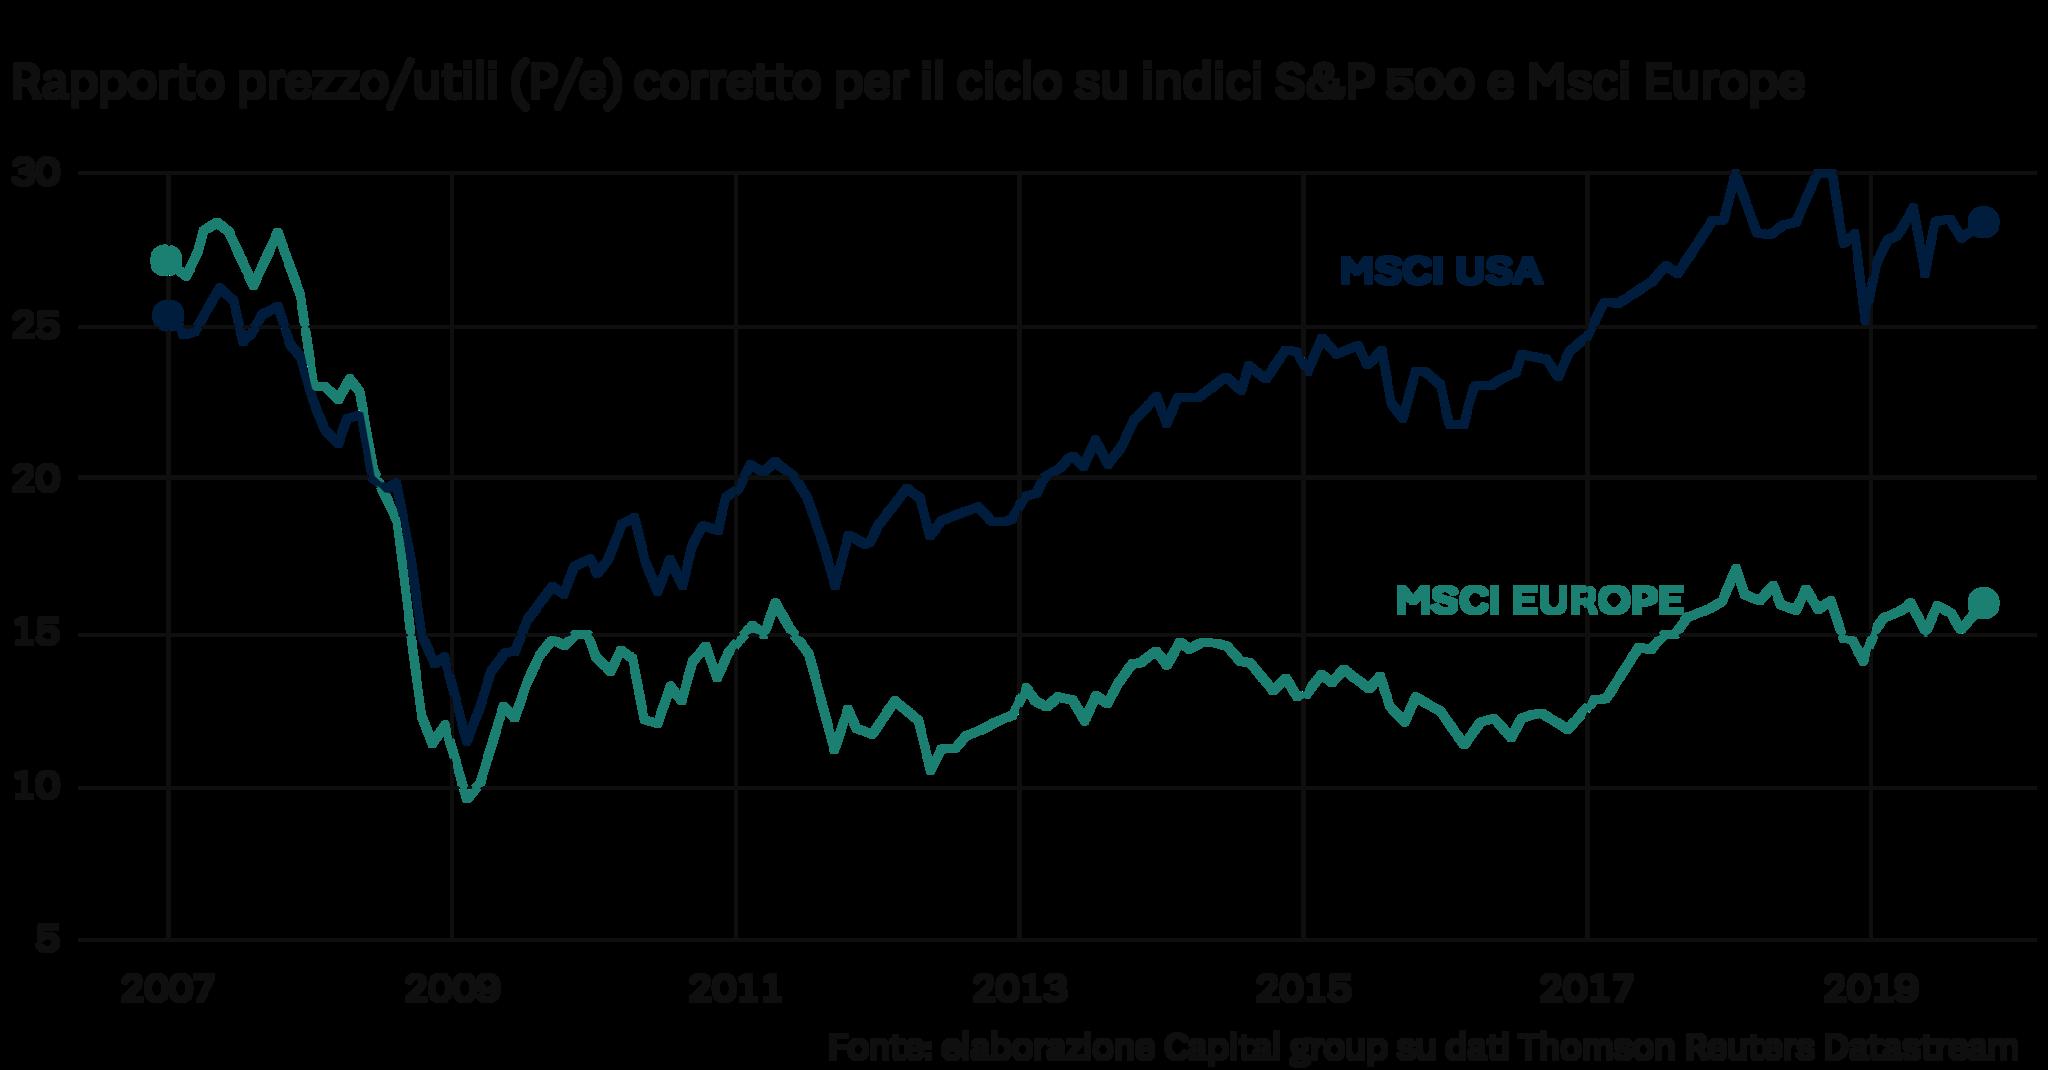 vari design nuovi stili cercare Borse, perché le azioni europee sono a sconto del 60% rispetto a ...